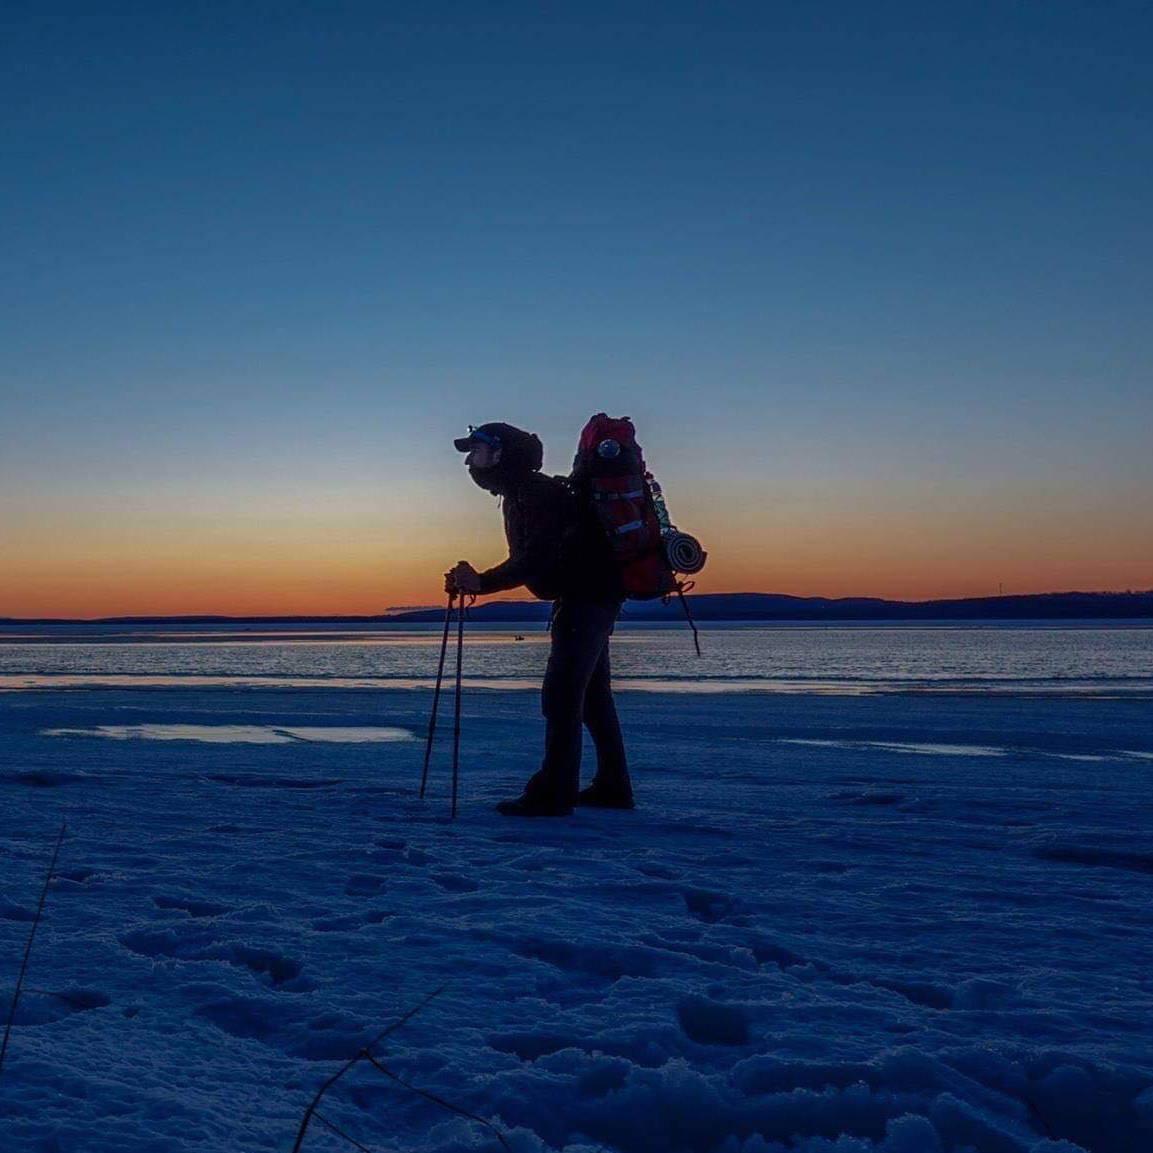 Mount Trail et arctuk en expédition avec Mathieu Jourjon